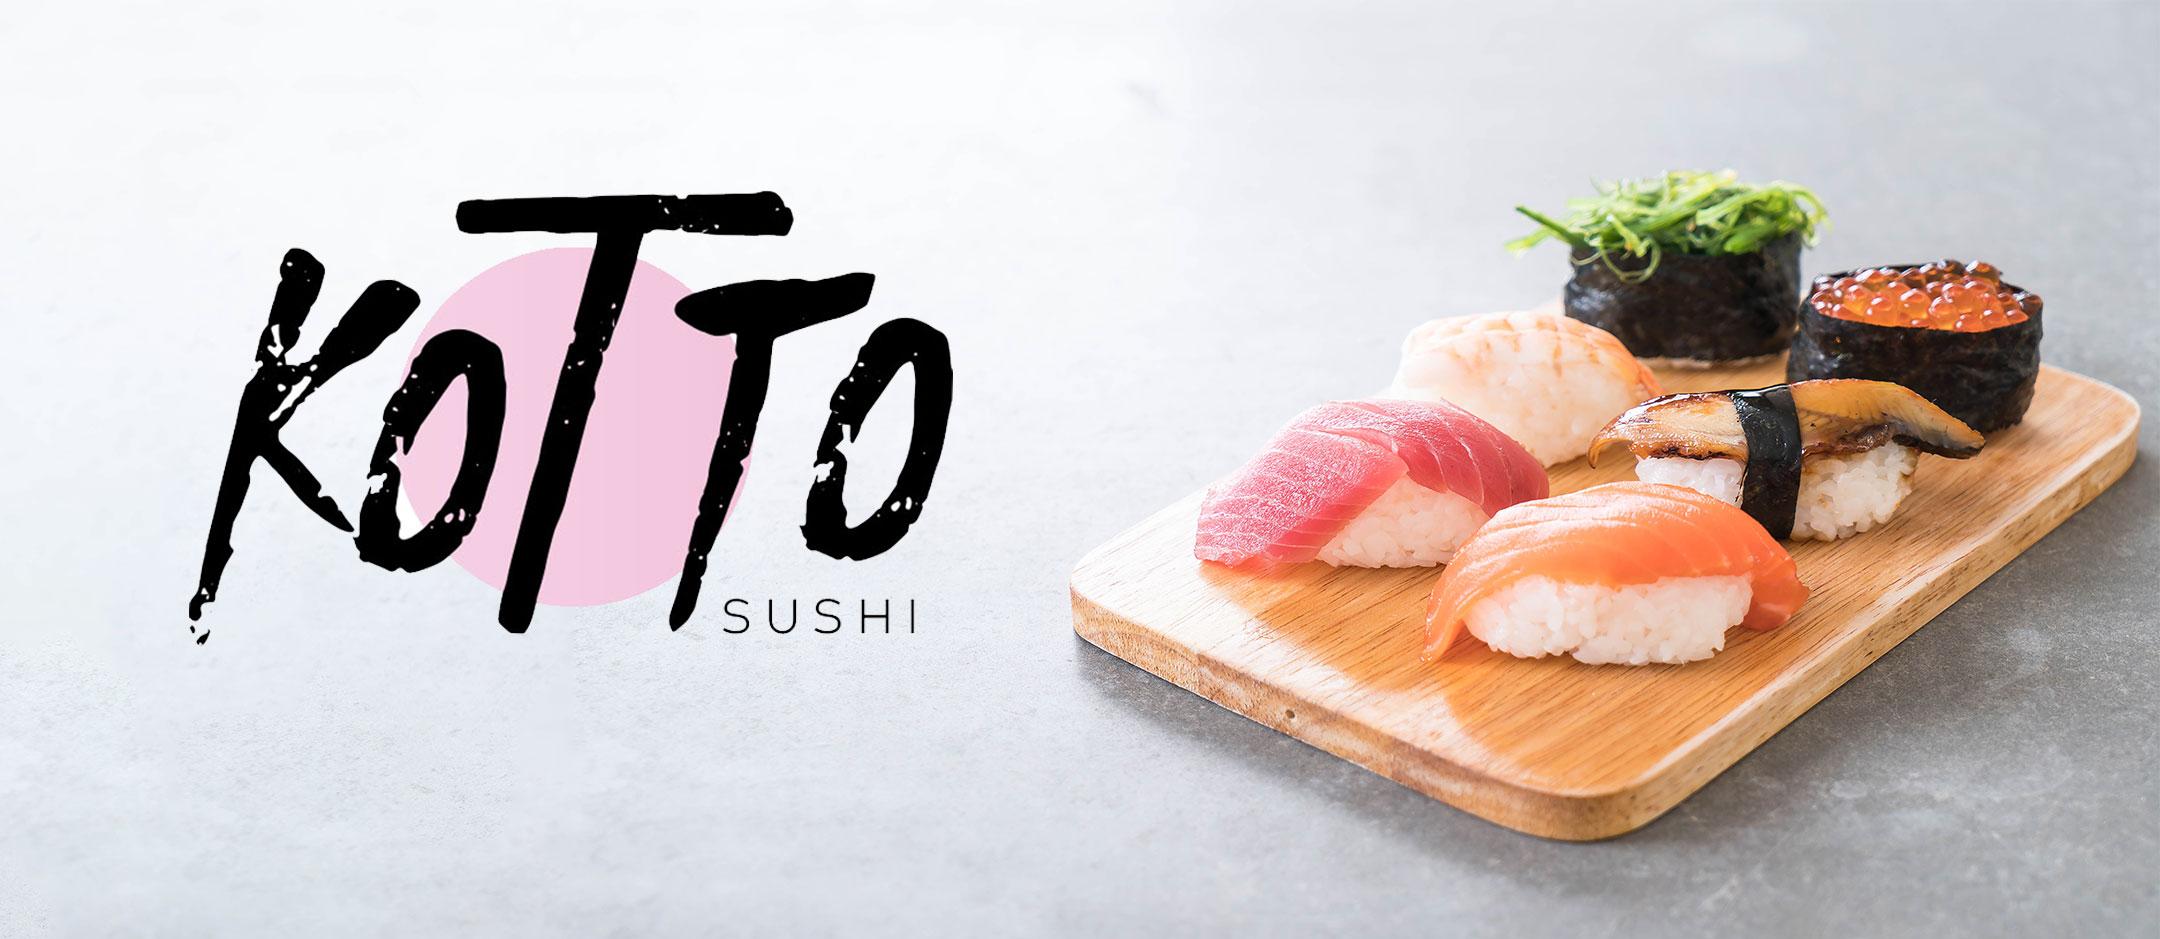 2 Kotto Sushi